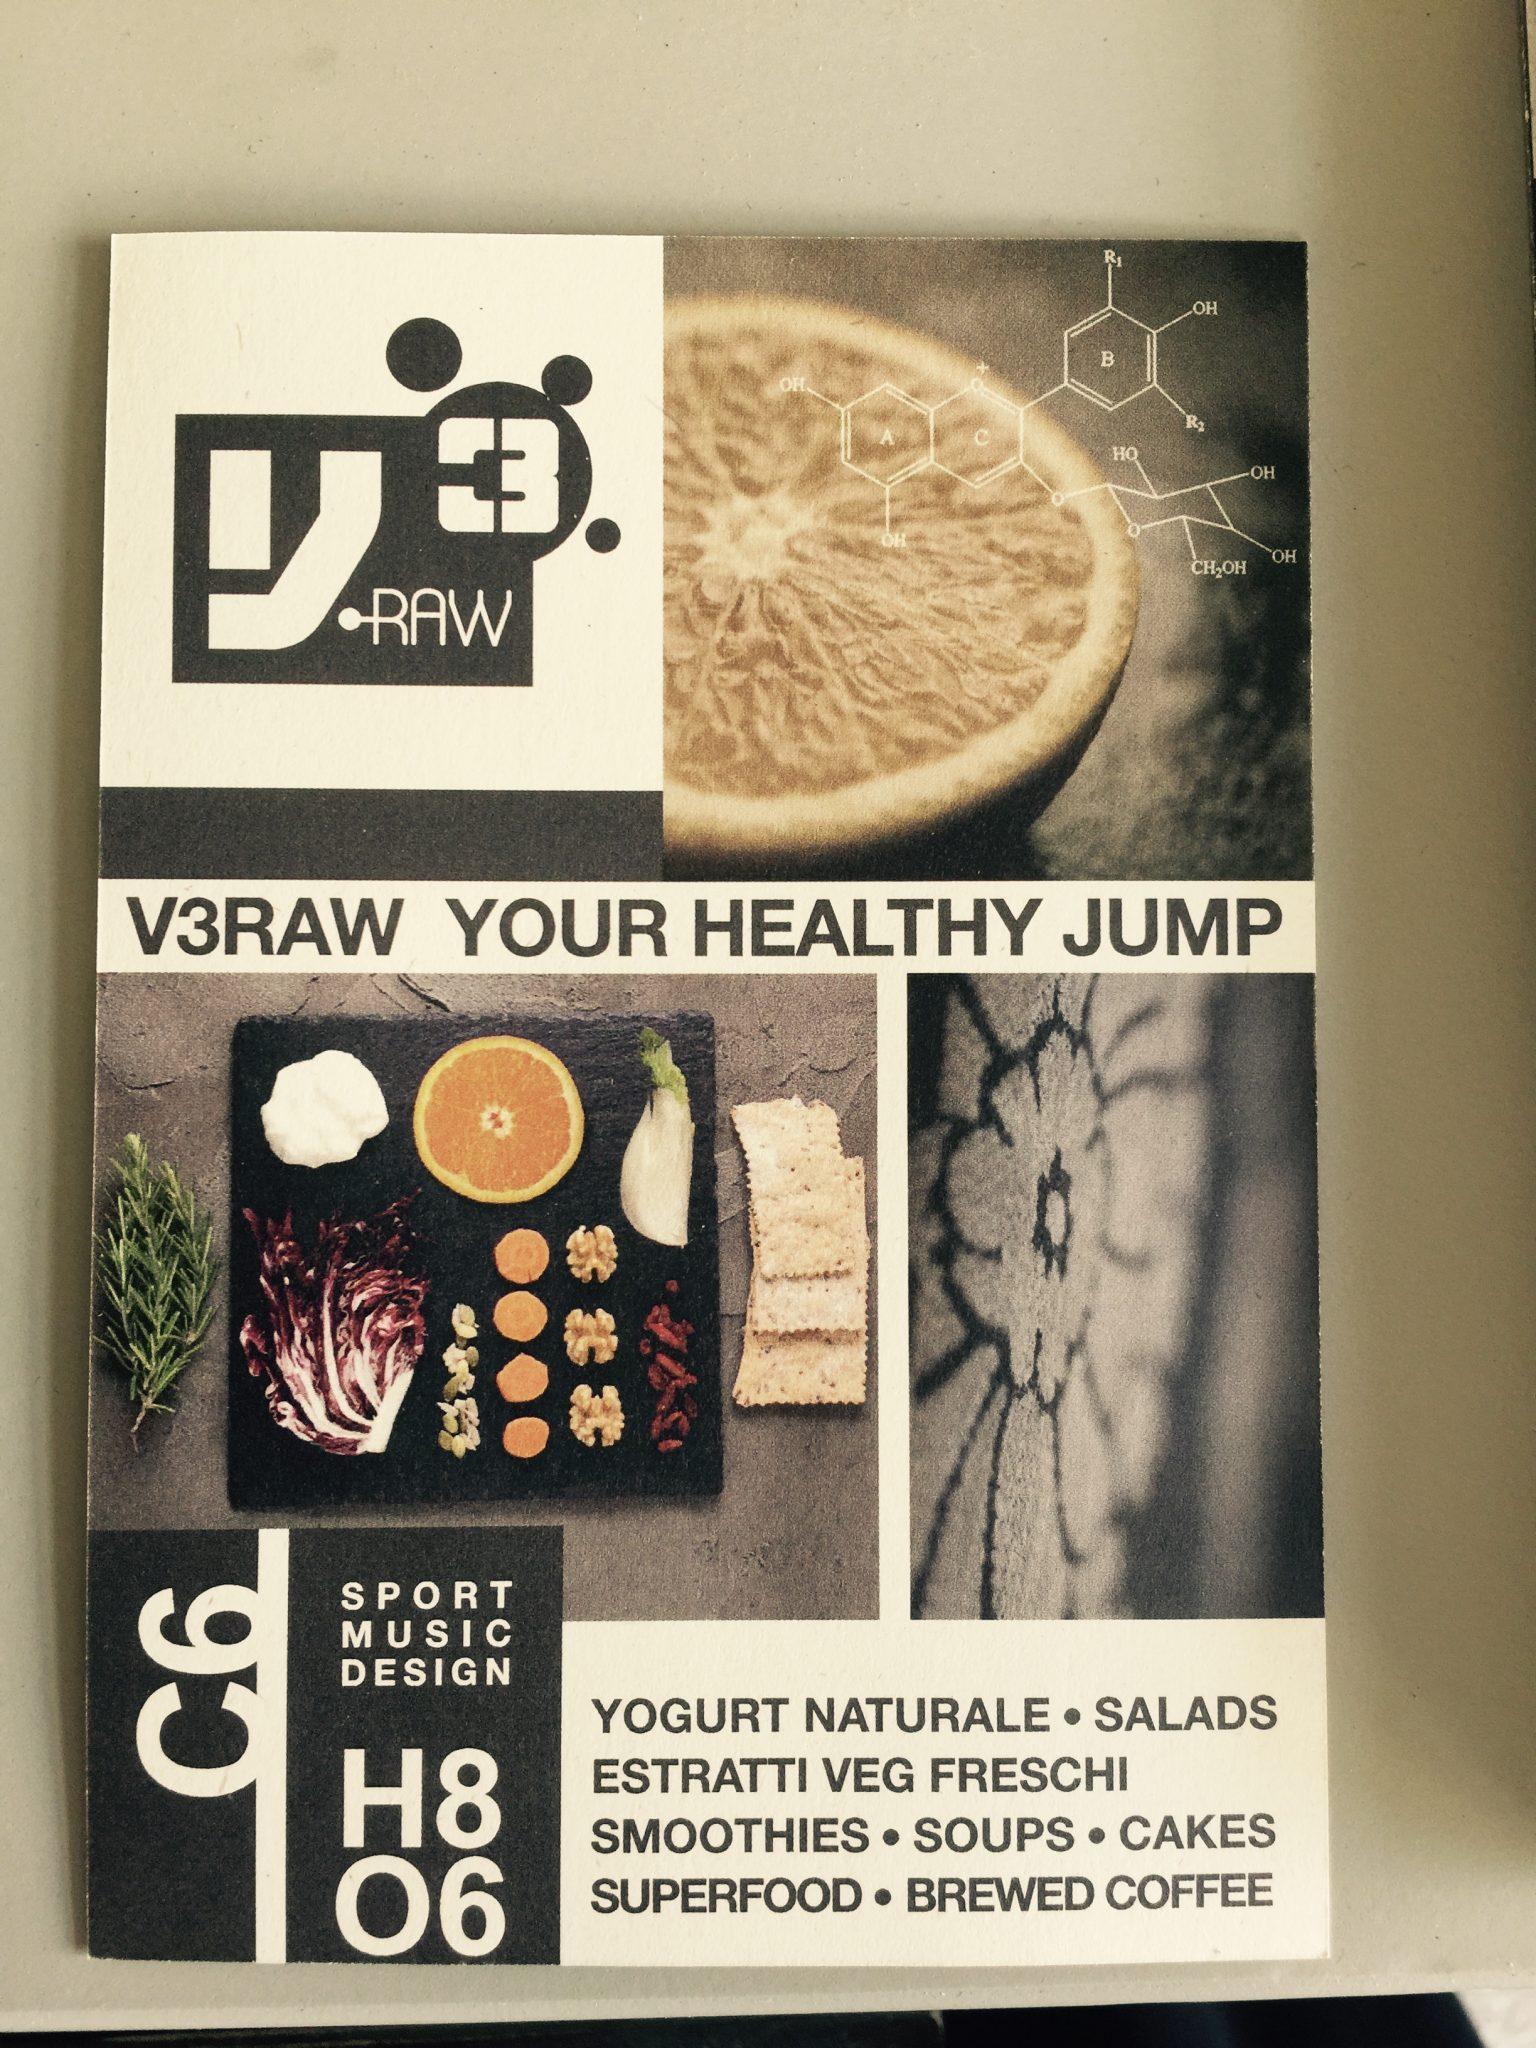 V3Raw - locale con cucina bio a Milano - immagine pubblicata da tatianaberlaffa.com